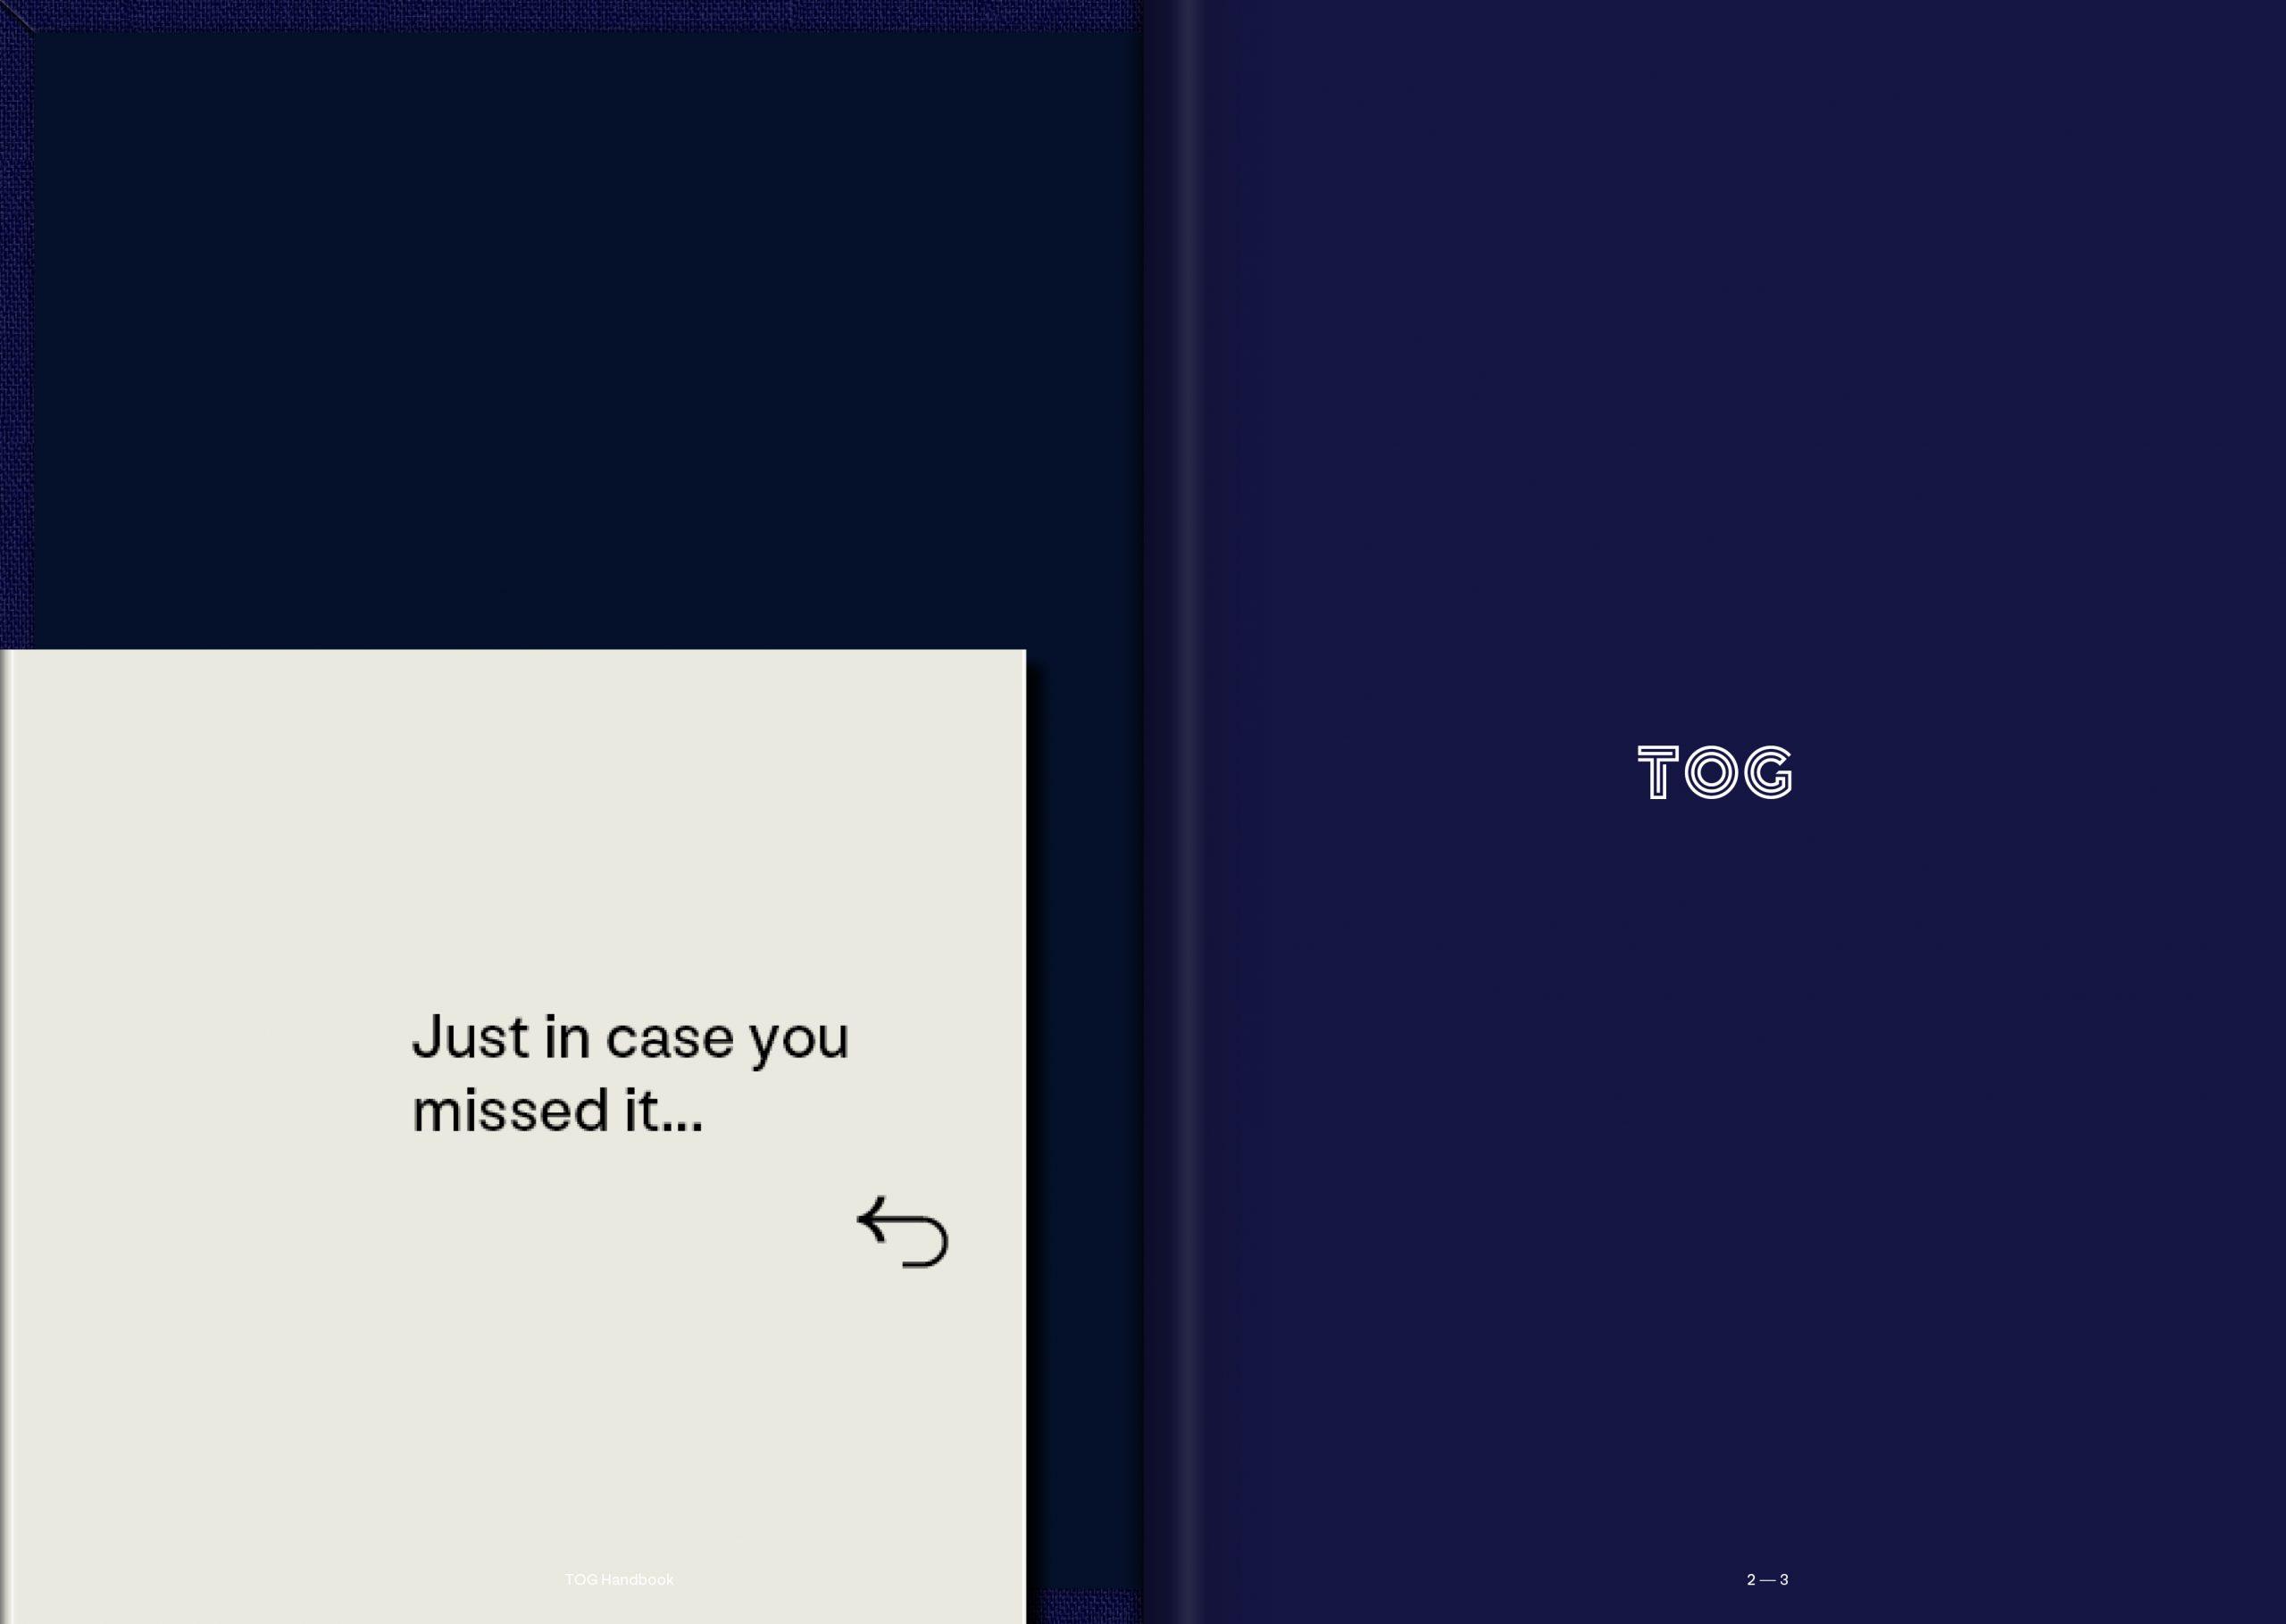 TOG_The_TOG_way2